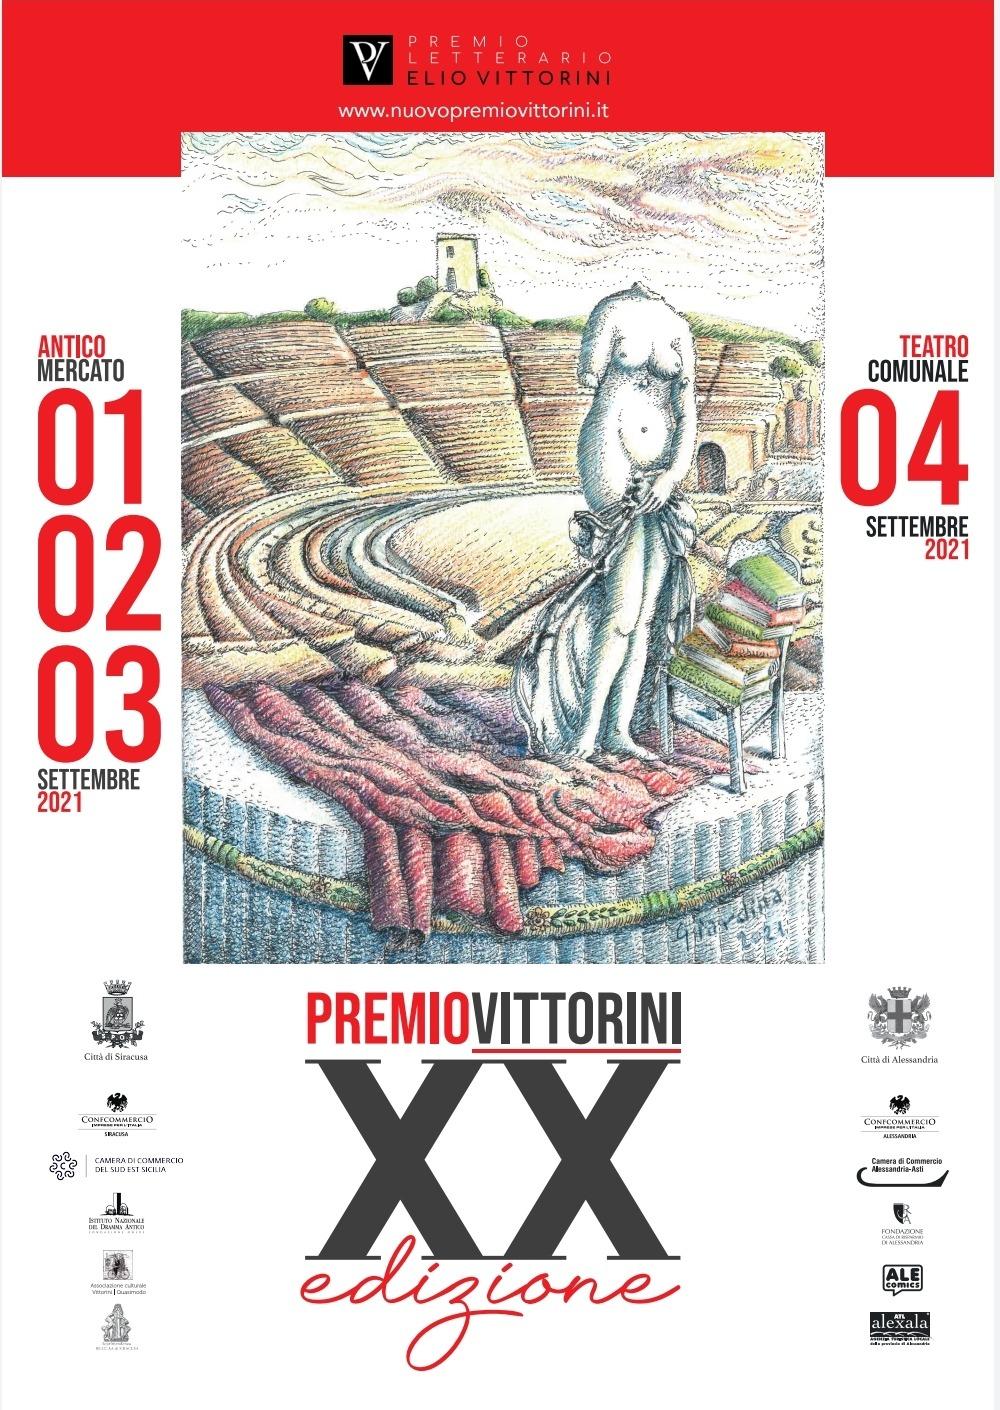 La Fondazione INDA al Premio Vittorini